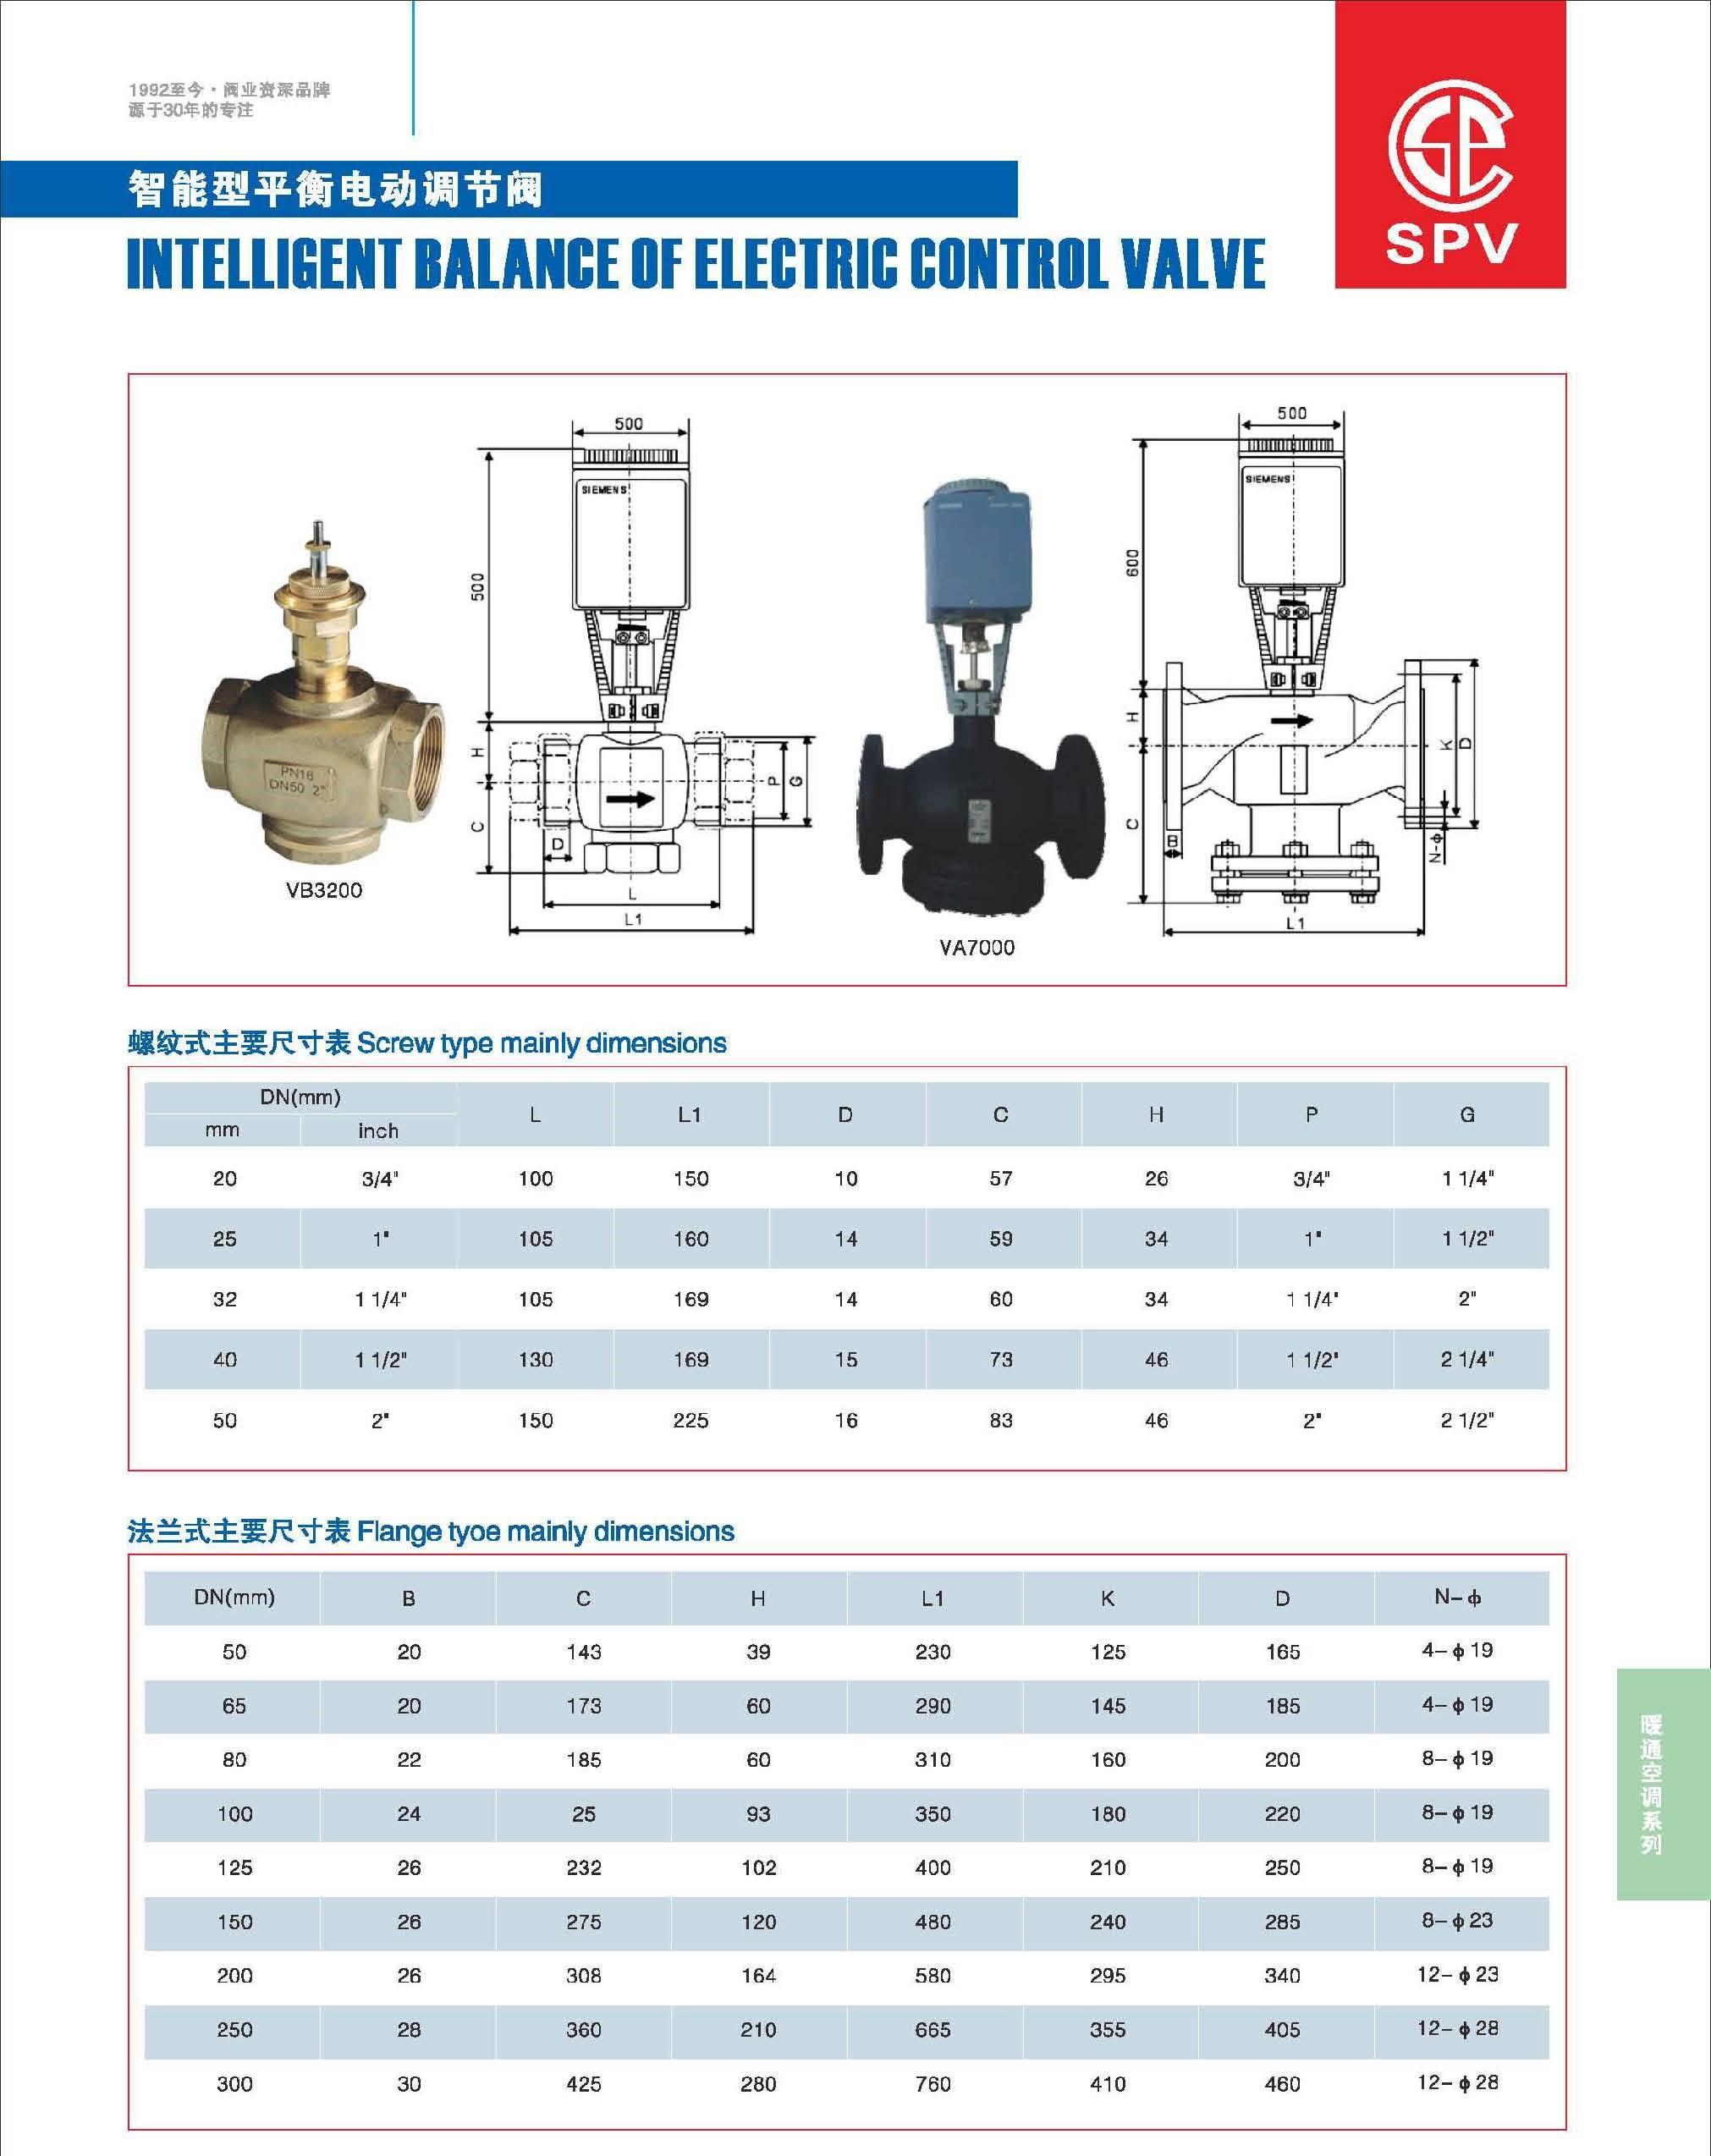 智能型平衡电动调节阀1